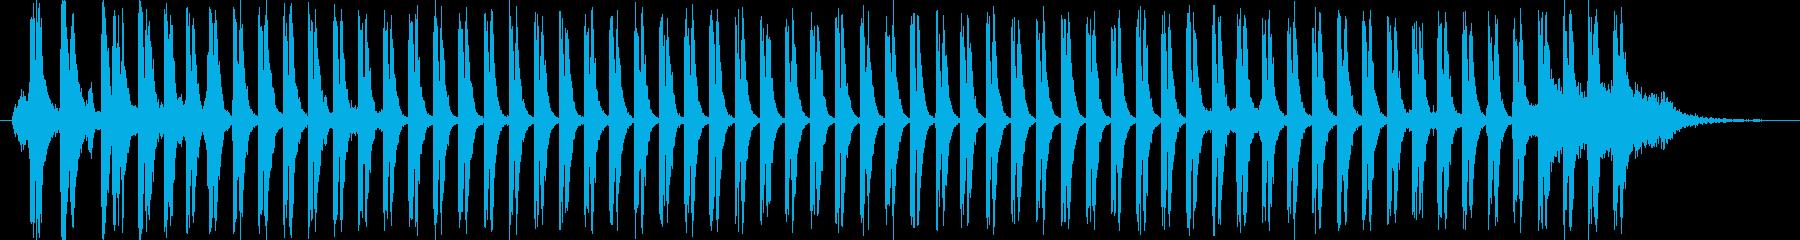 スタックミッドシフト、機械的故障、...の再生済みの波形